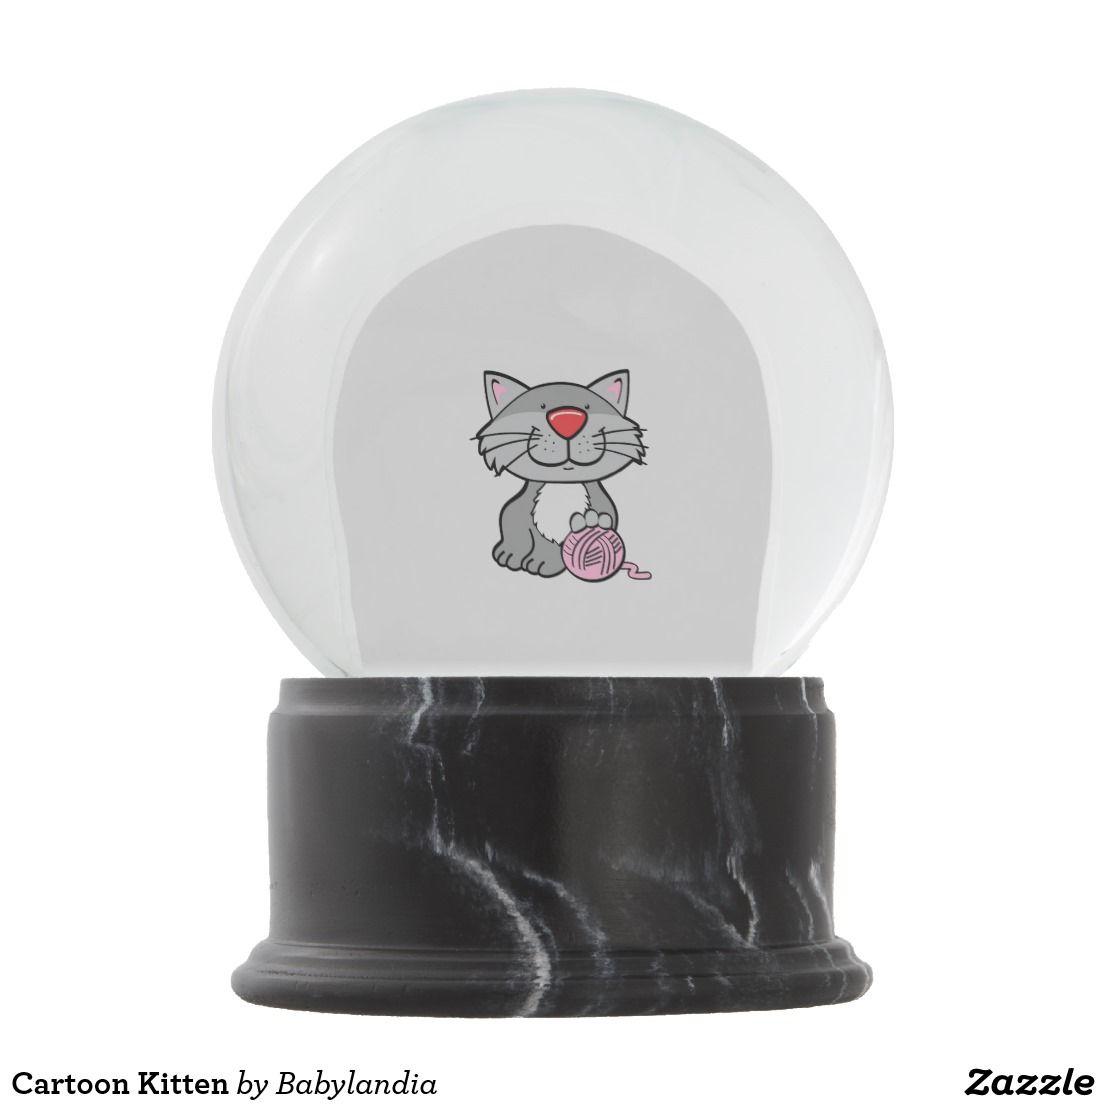 Cartoon Kitten Snow Globe Snow Globes Kitten Cartoon Feline Pet